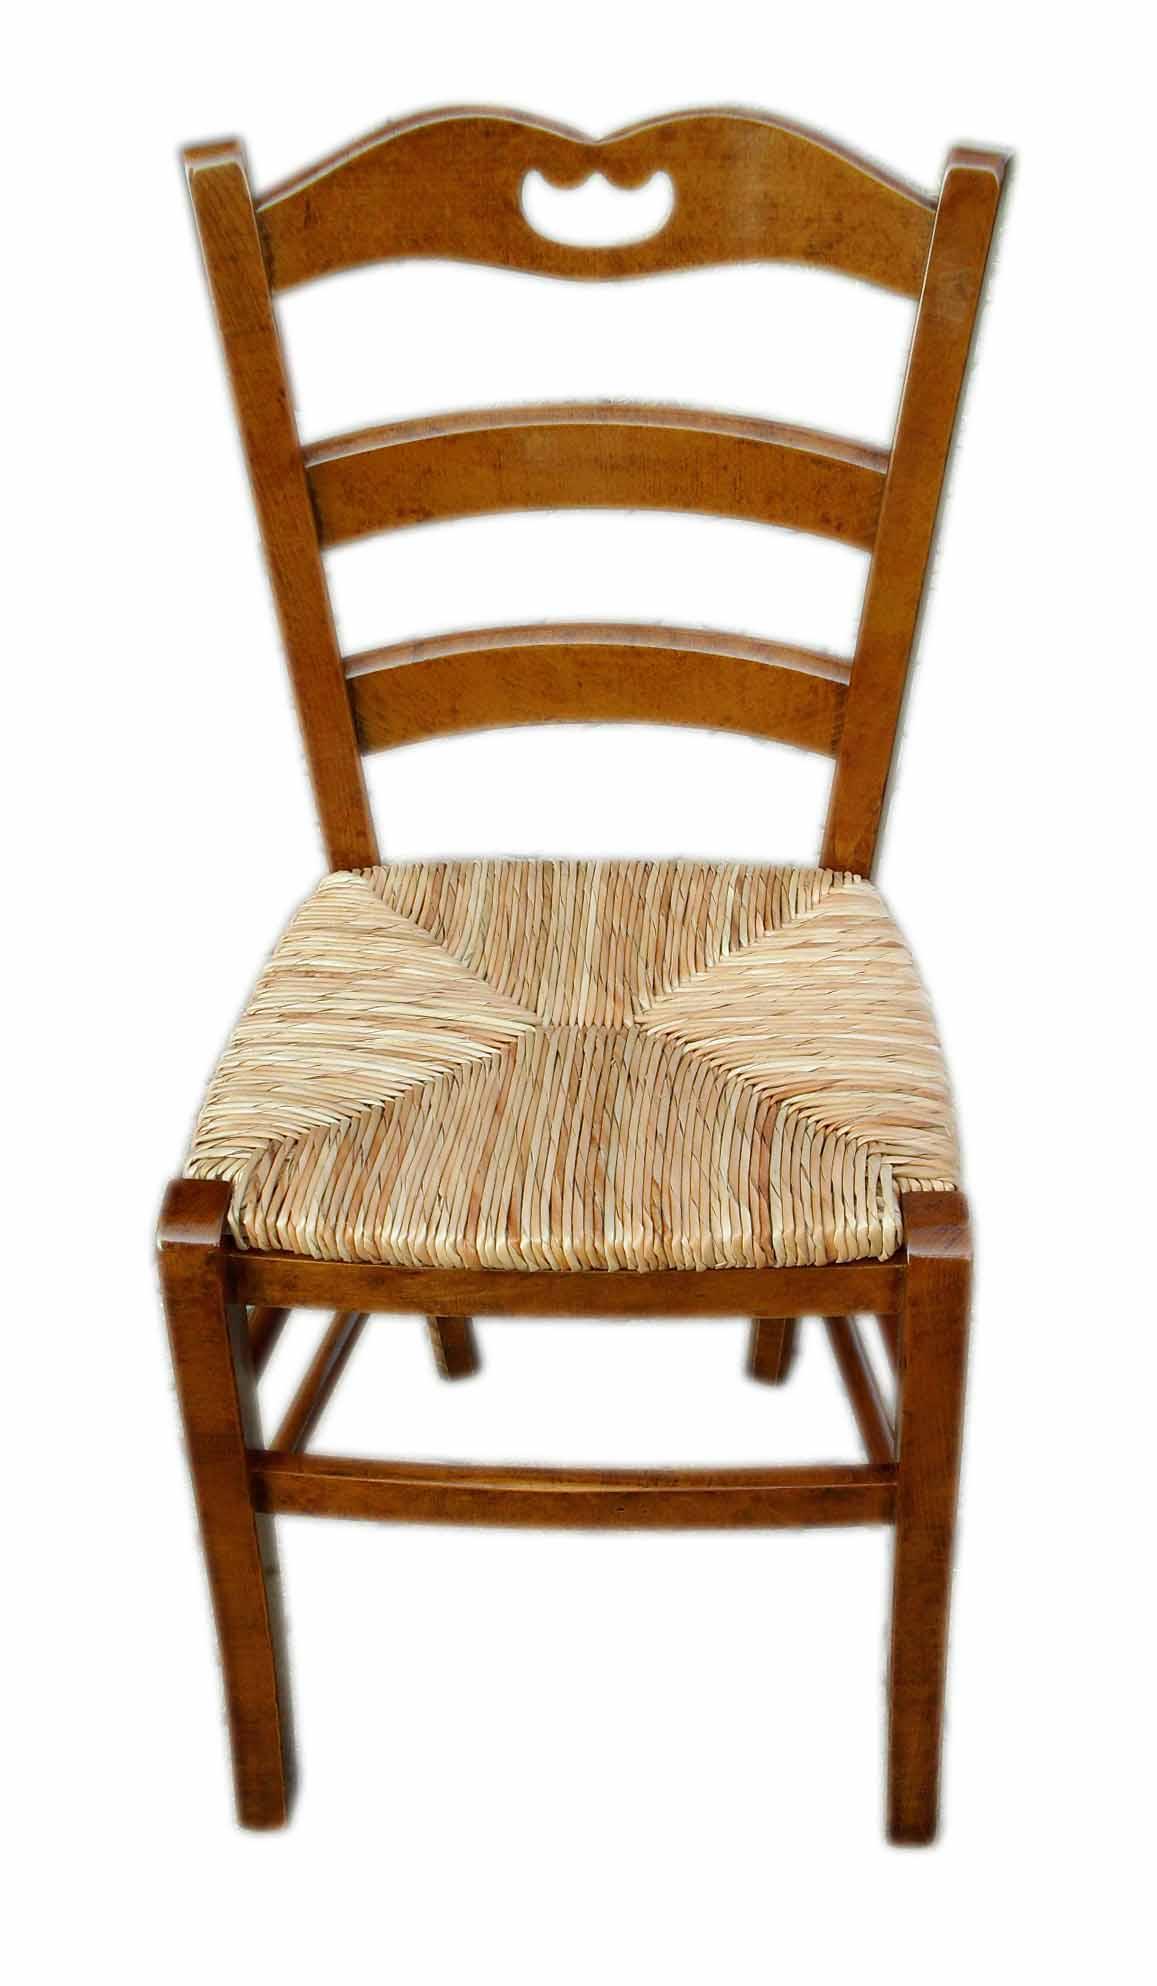 sedia rustica con paglia stile campagnola